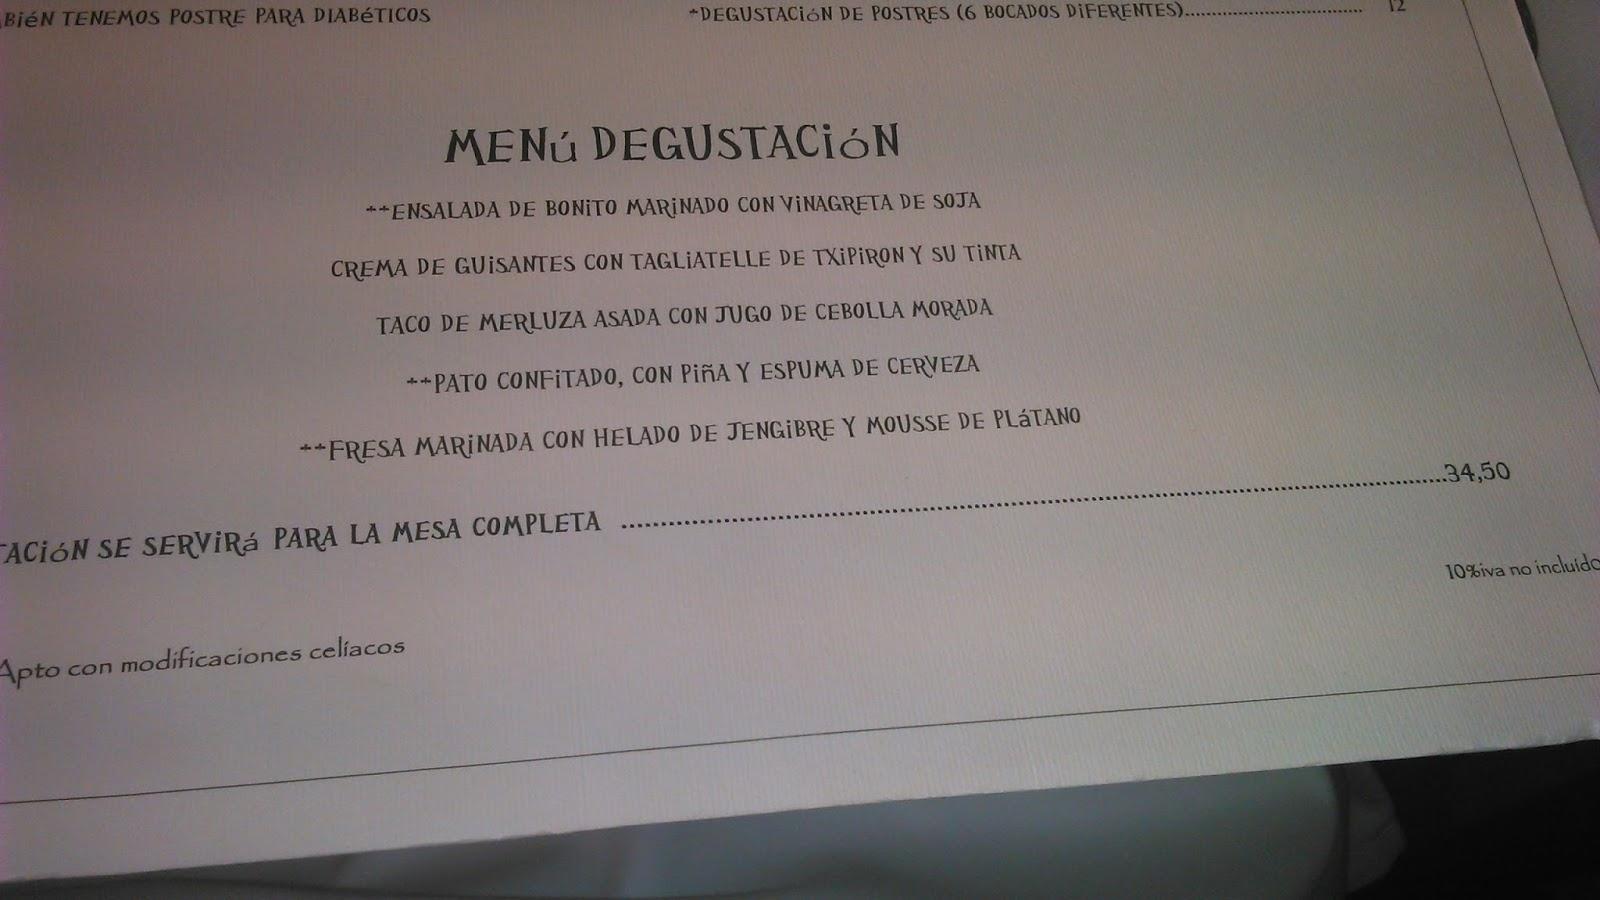 GULA GASTRONMICA KARLOS ARGUIANO ZARAUTZ GUIPZKOA